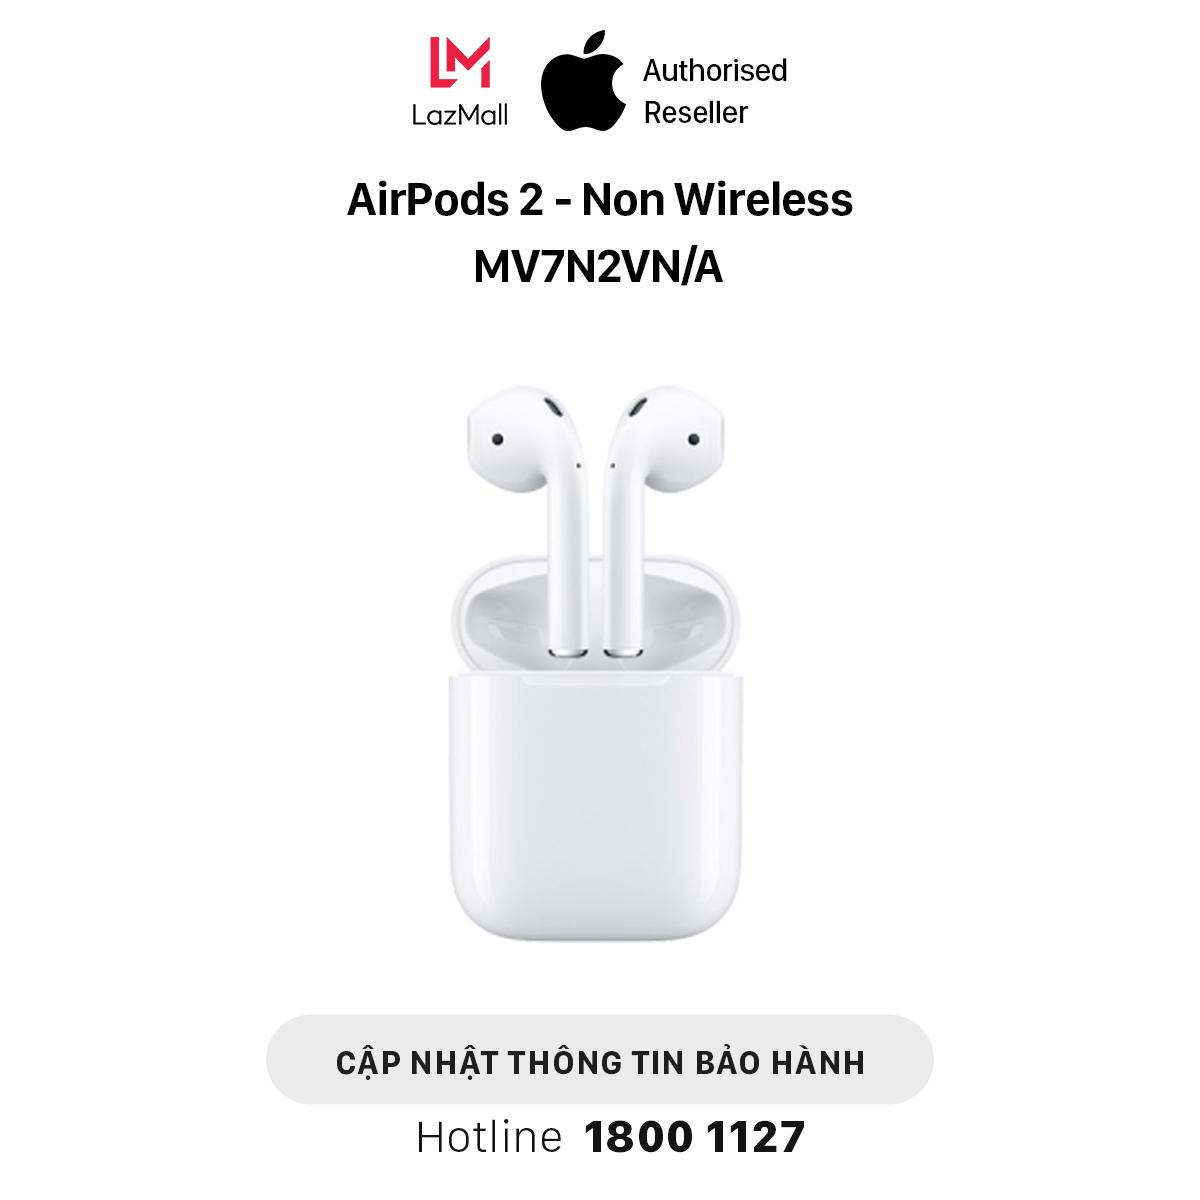 Apple AirPods 2 (Non Wireless) - Hàng Chính Hãng VN/A - MV7N2VN/A